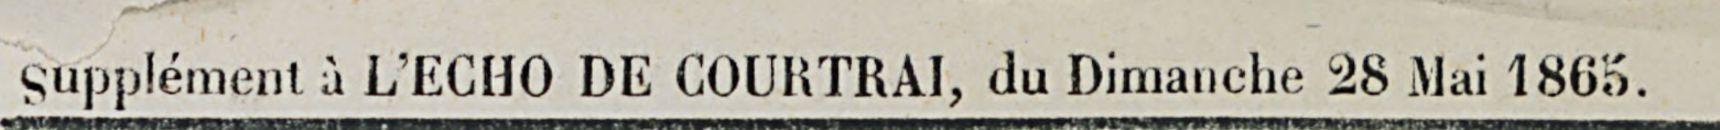 Supplement a L'ECHO DE COURTRAI